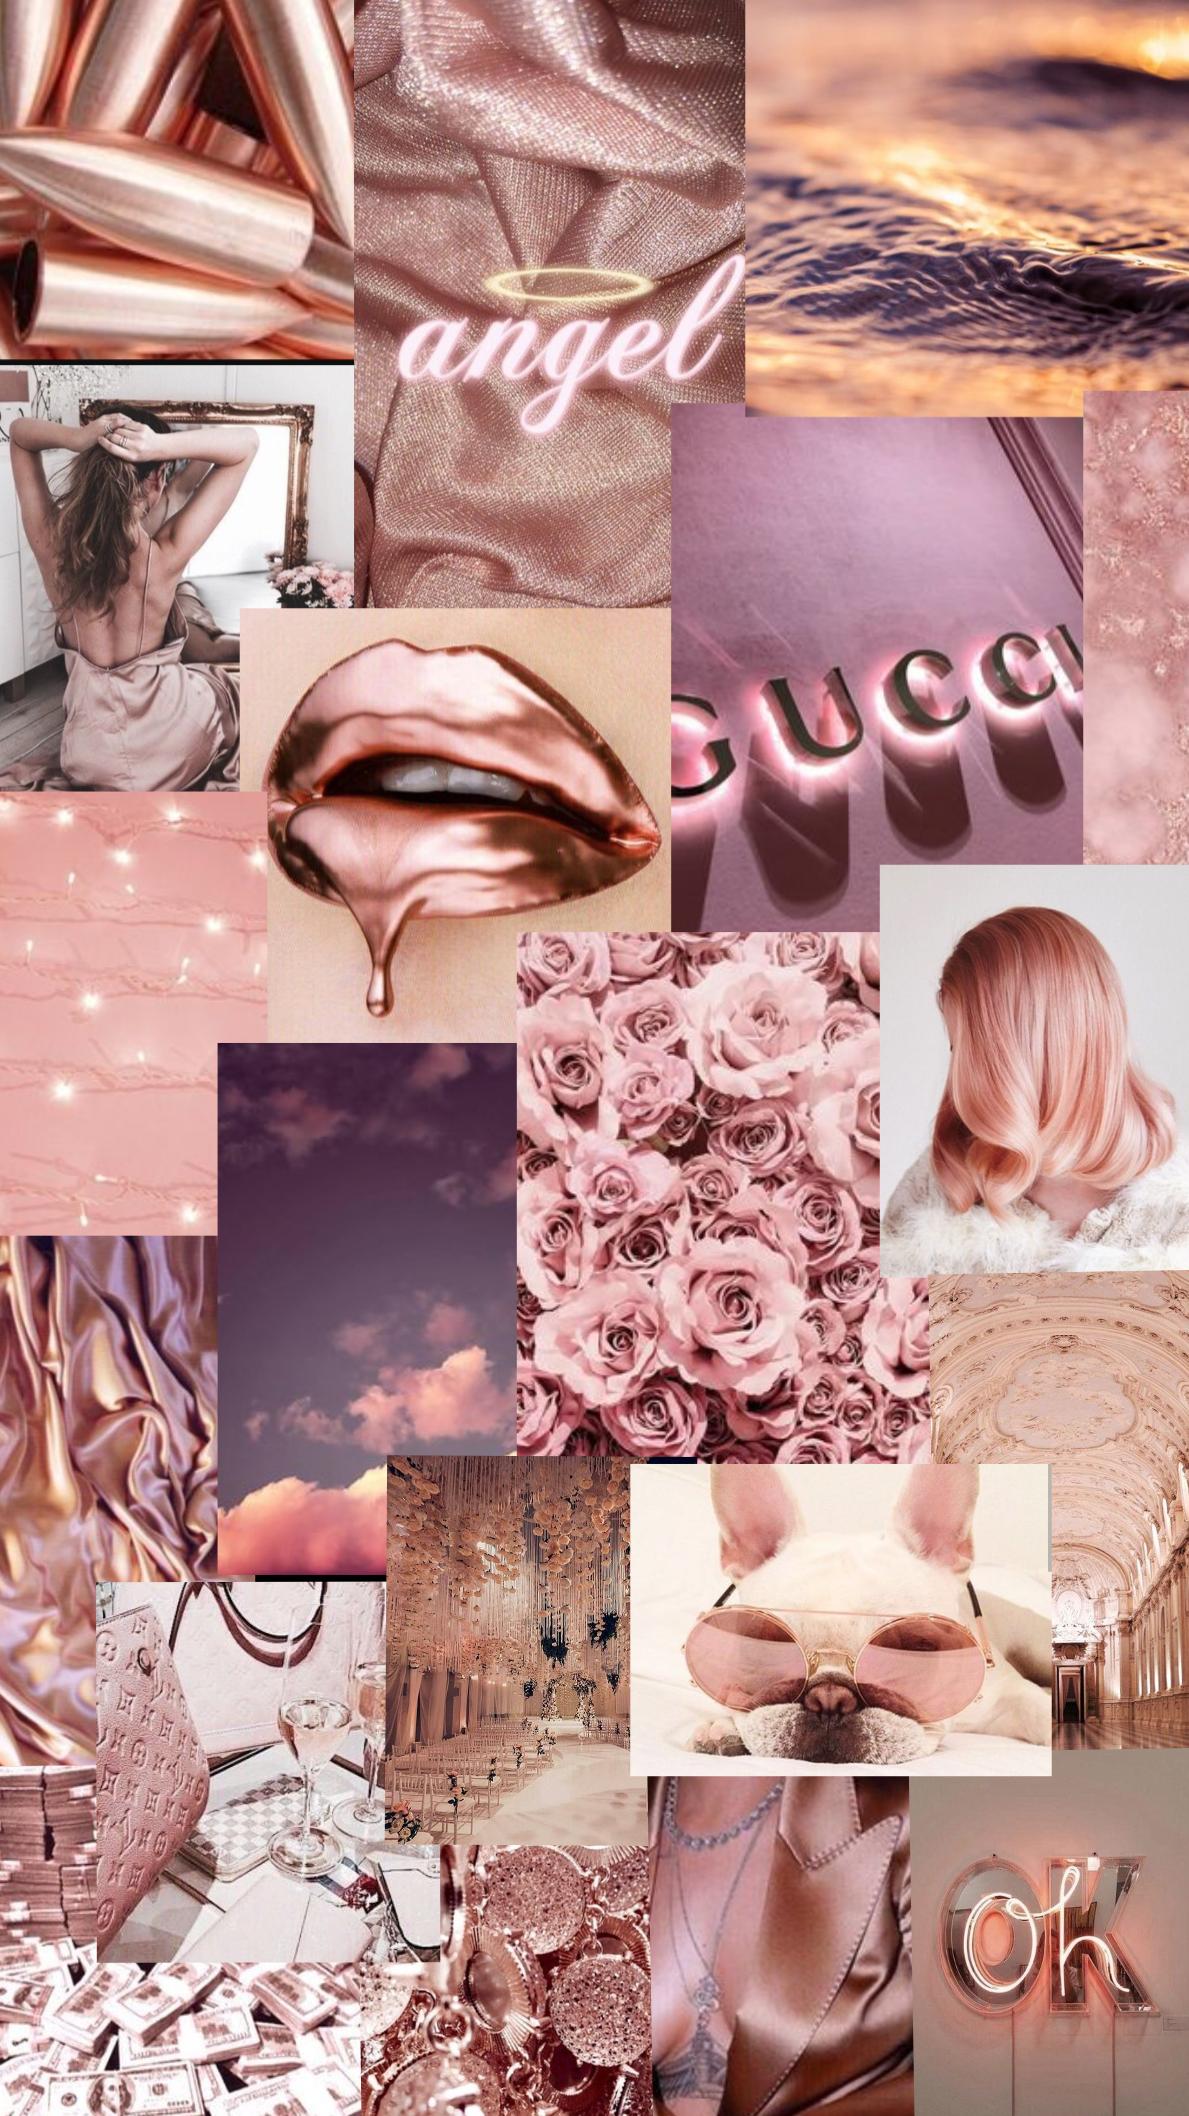 Rose Gold Wallpaper Aesthetic Tumblr